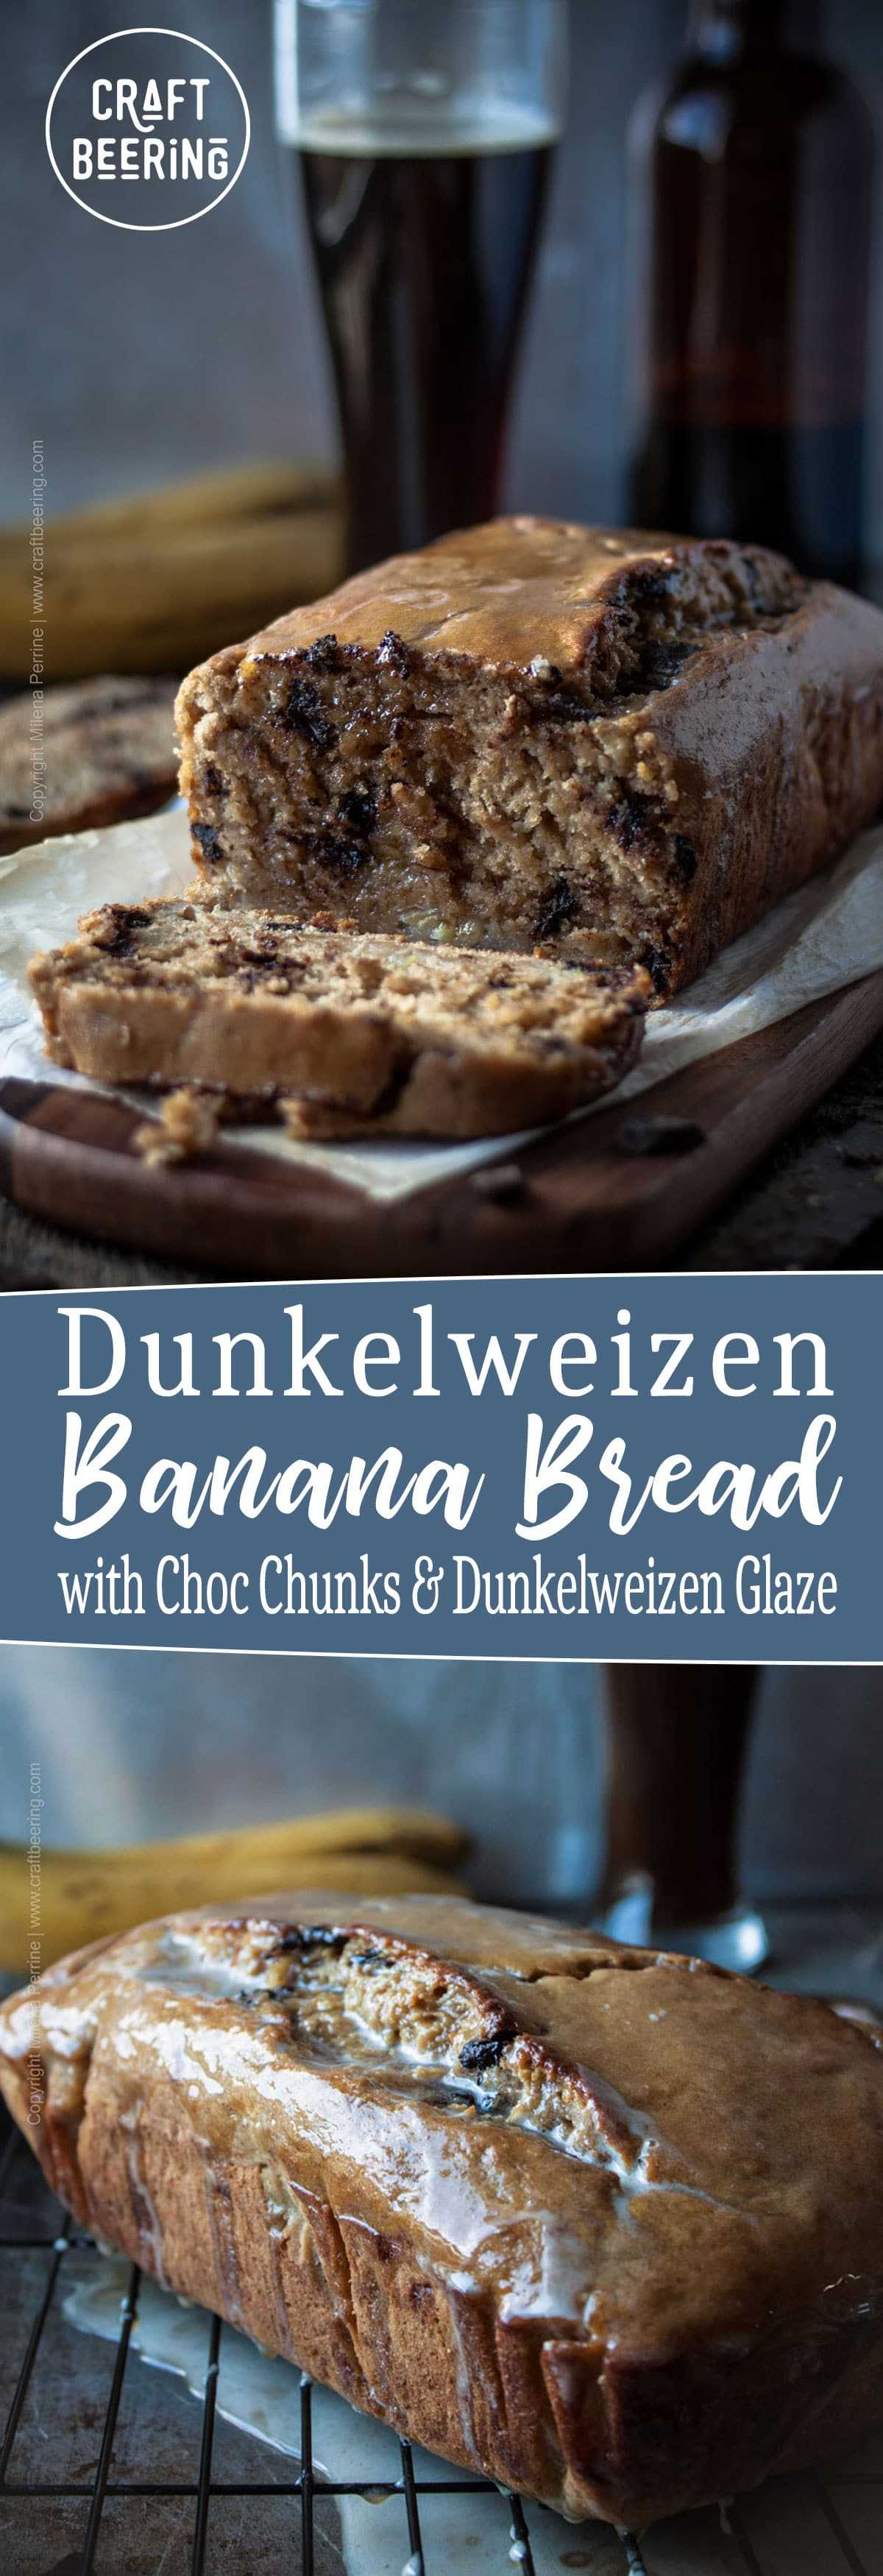 Beer Banana Bread Dunkelweizen Beer Glaze and Choc Chips #dunkelweizen #beerbread #beerbananabread #bananabread #beerglaze #dunkelweizenglaze